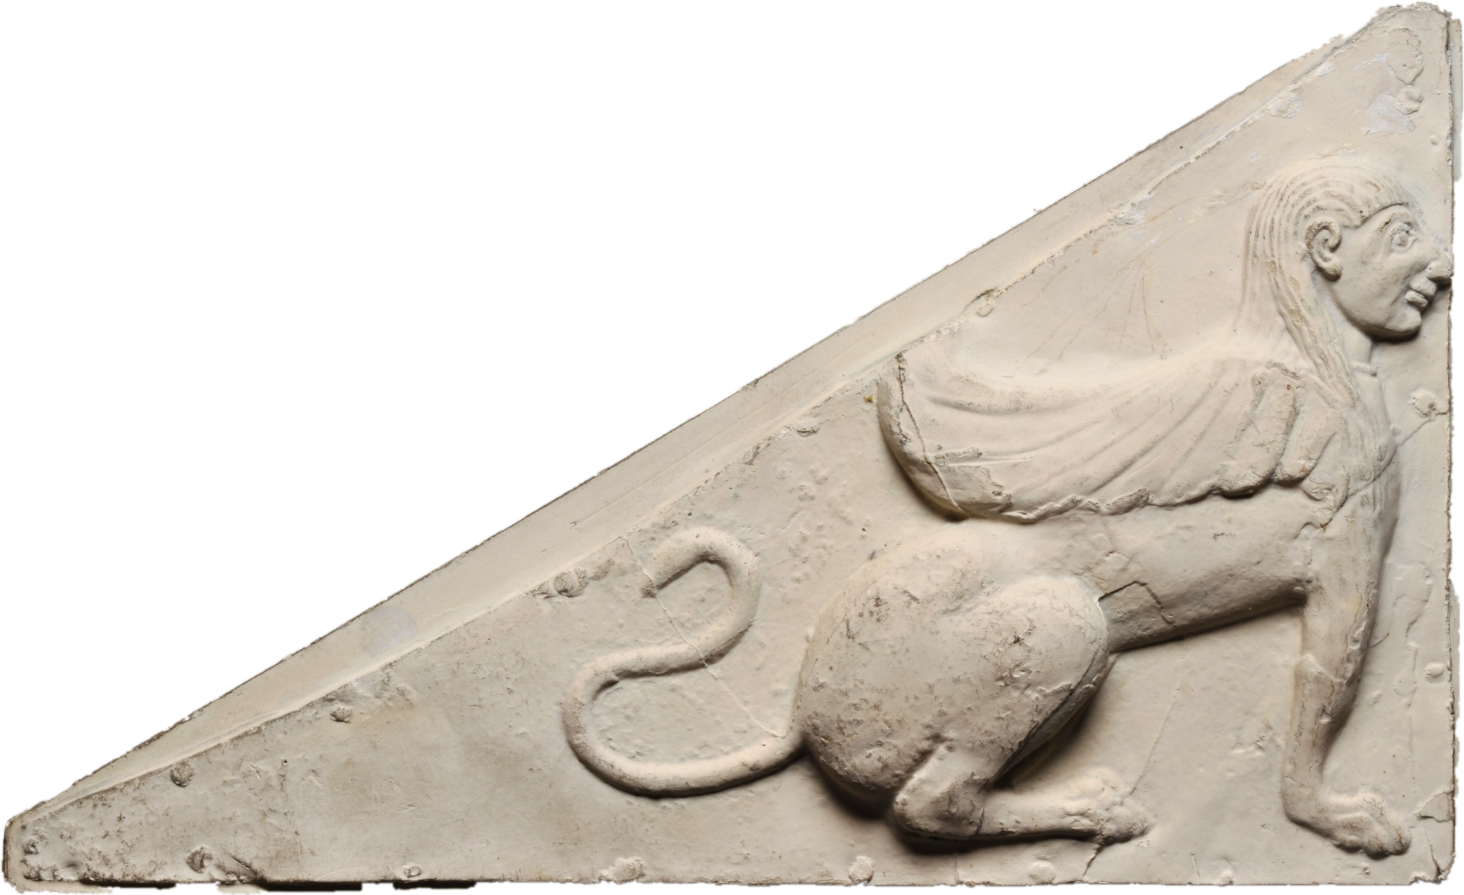 Sphinx-3206.jpg_bilder-freistellen-online.de.png